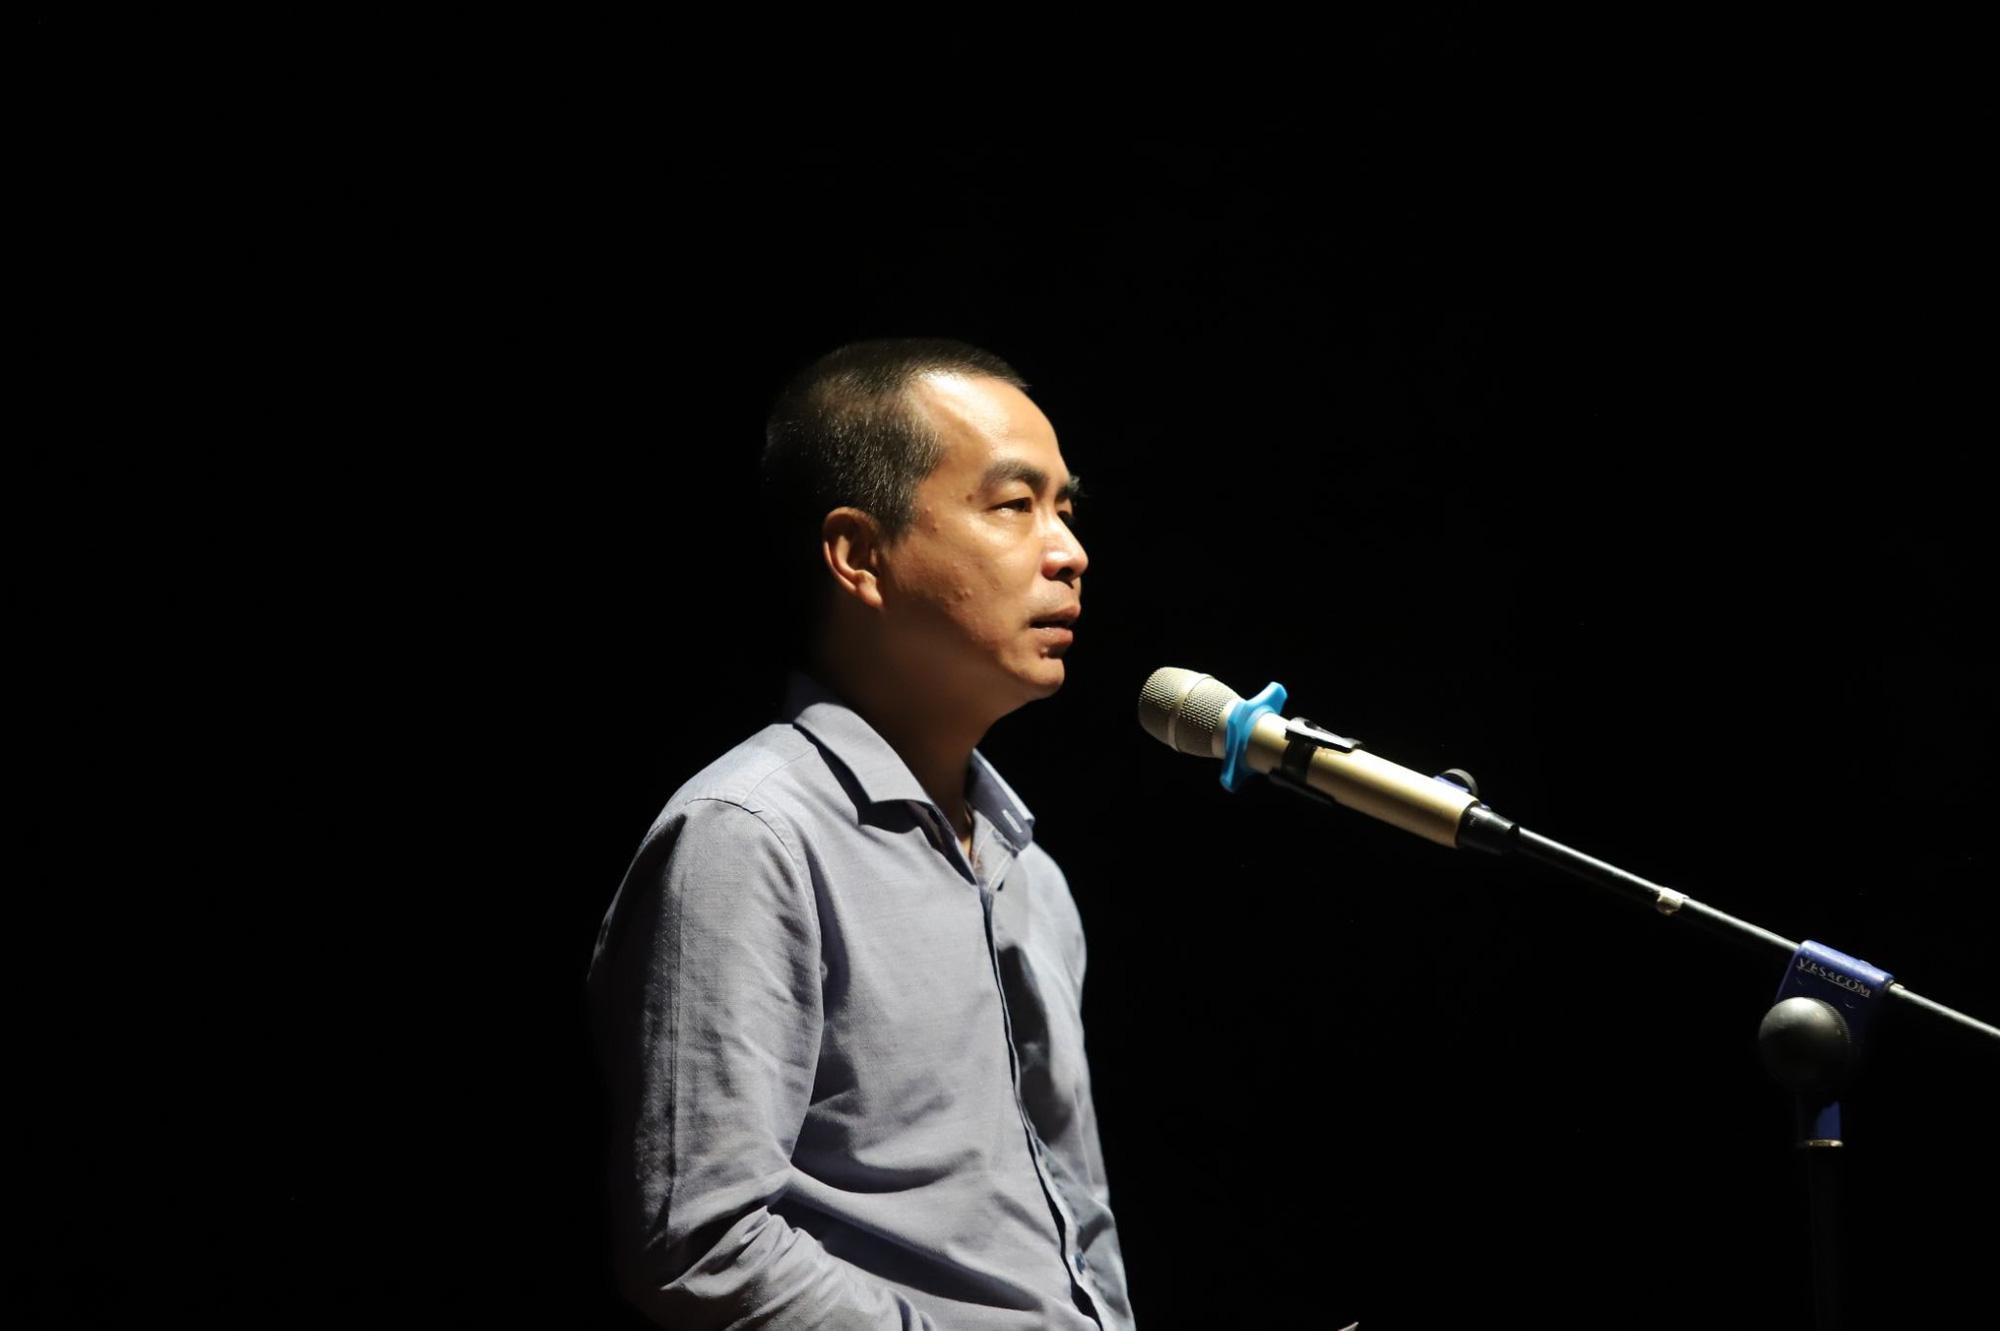 """""""Se sẽ 2021"""" - Khi thơ Lưu Quang Vũ - Xuân Quỳnh được cất lên bằng 20 ngôn ngữ khác nhau - Ảnh 9."""